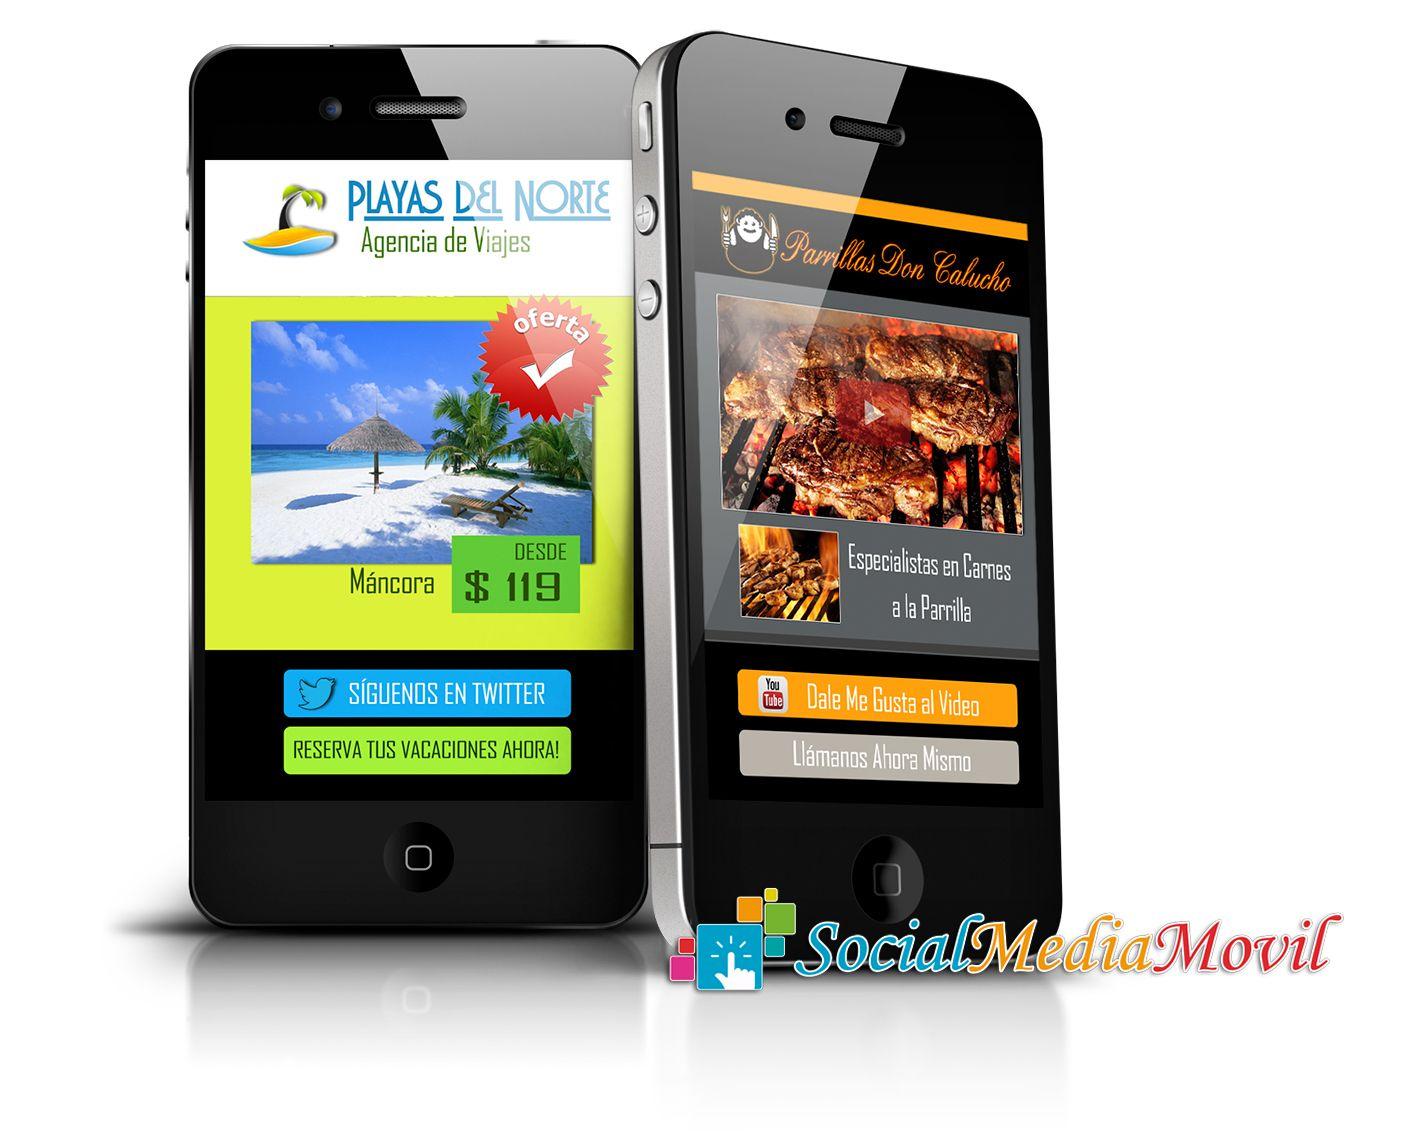 Cupones Móviles, haz que tus clientes utilicen los cupones móviles para adquirir las ofertas o promociones que tienes para ellos, y todo por medio de sus celulares